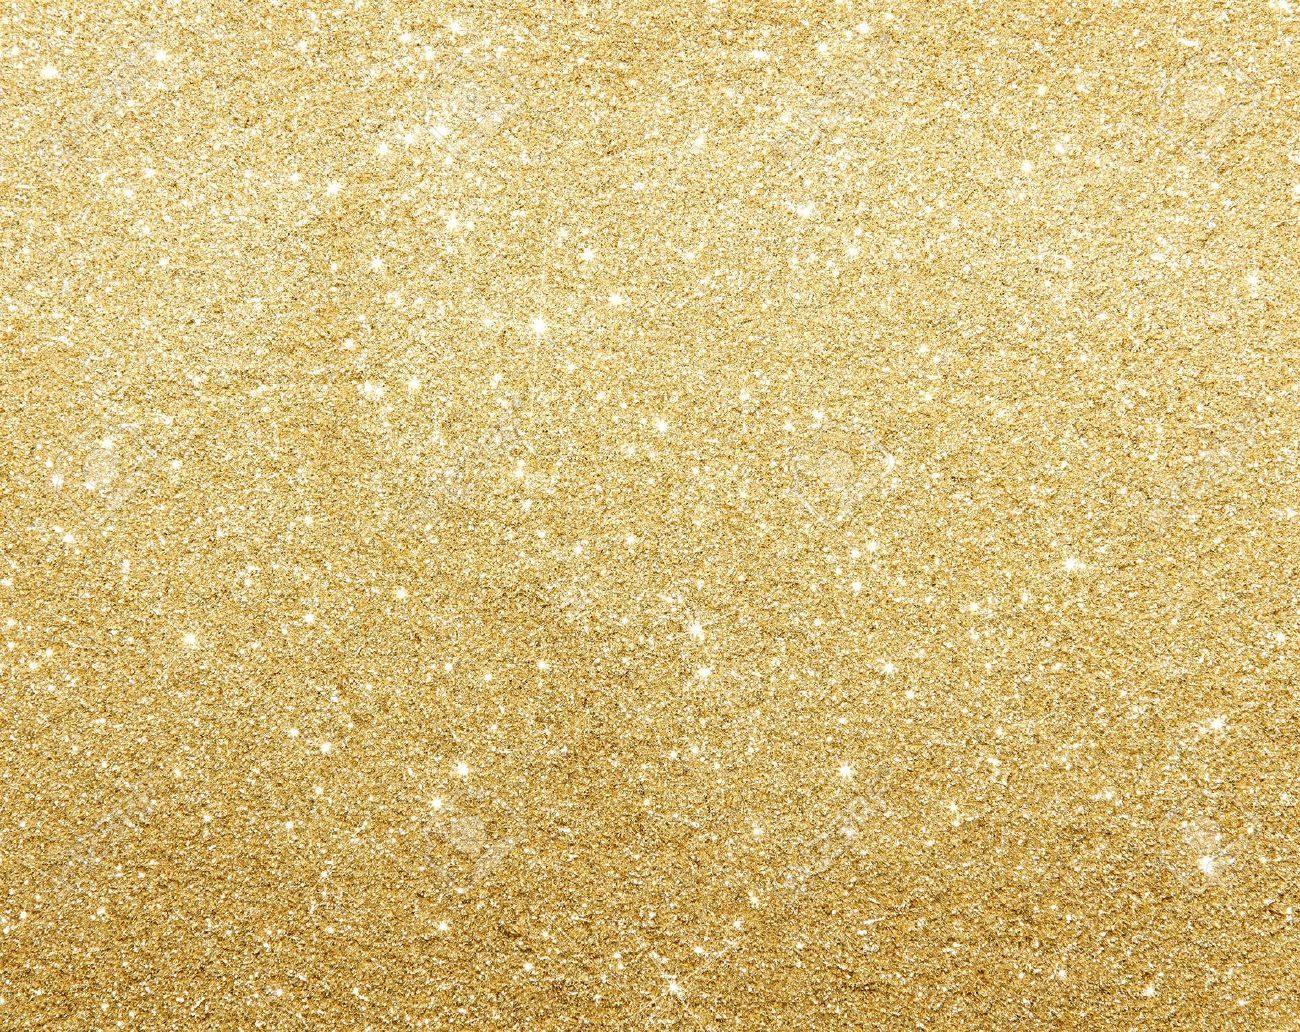 Gold-Glitter-Texture-6